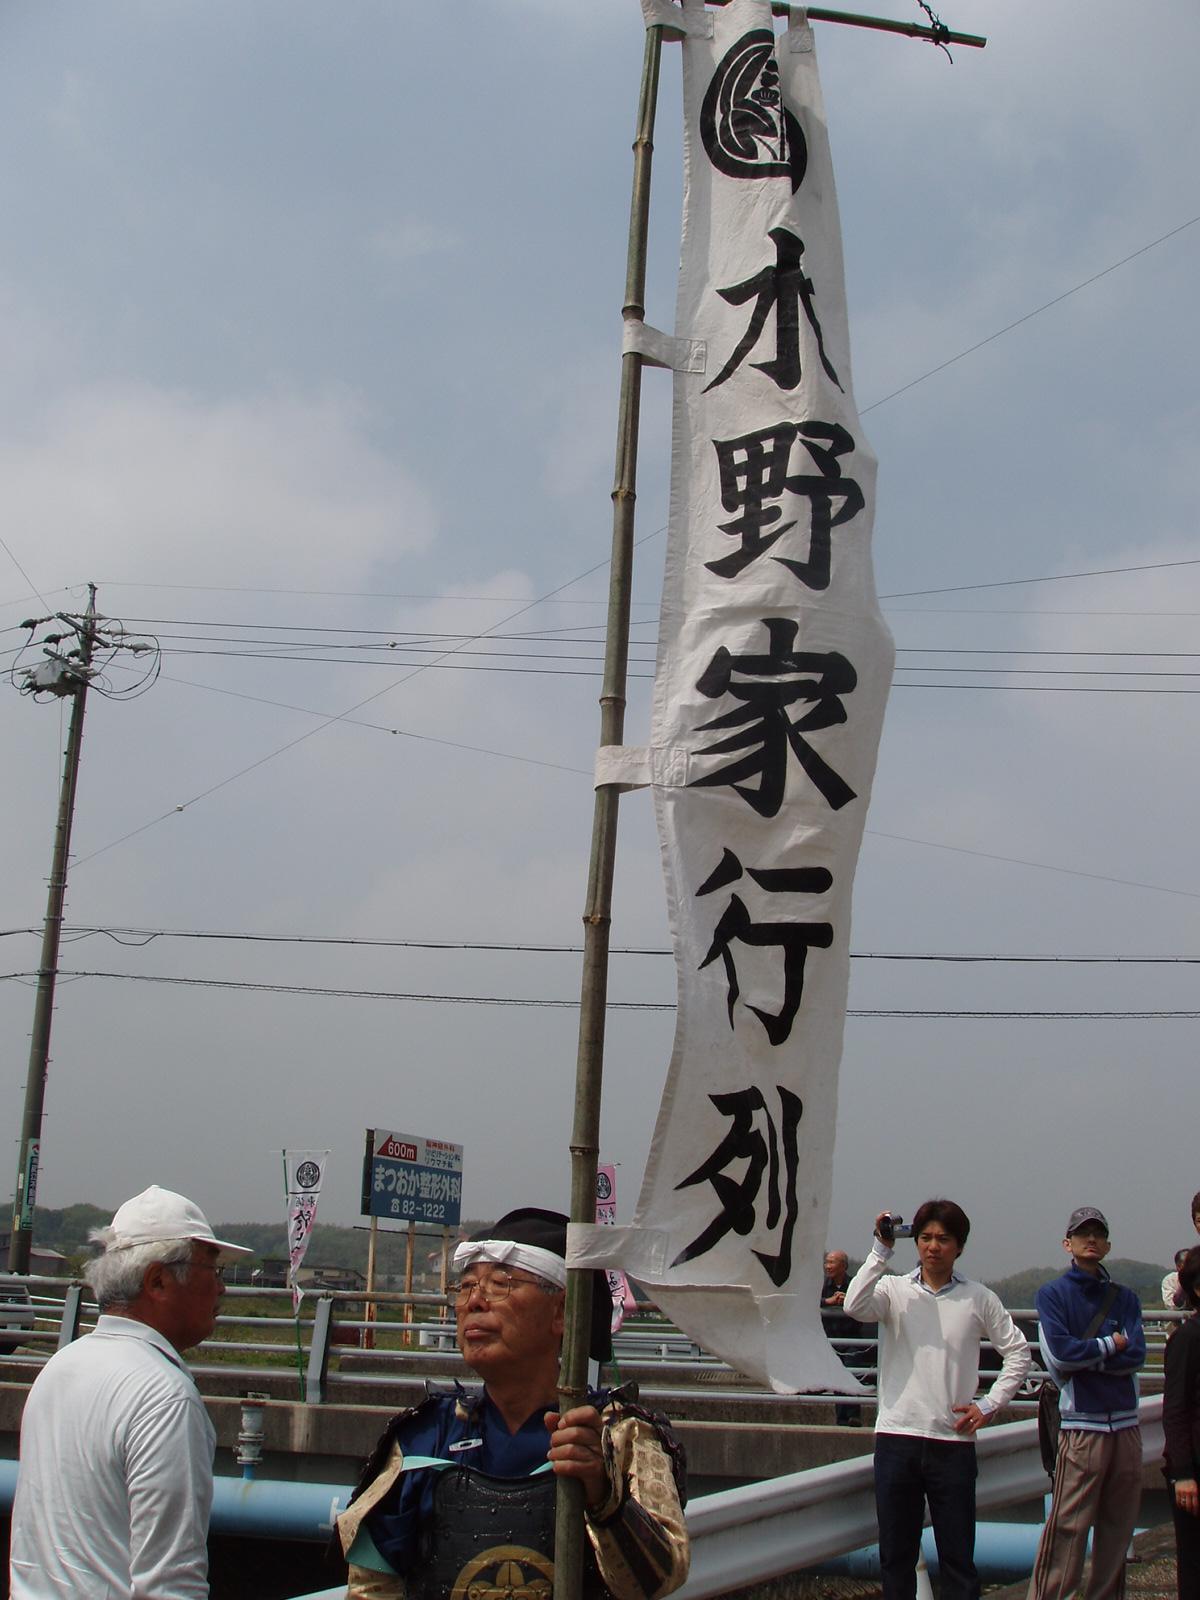 【Event】第19回東浦町 於大まつり_e0144936_12162445.jpg